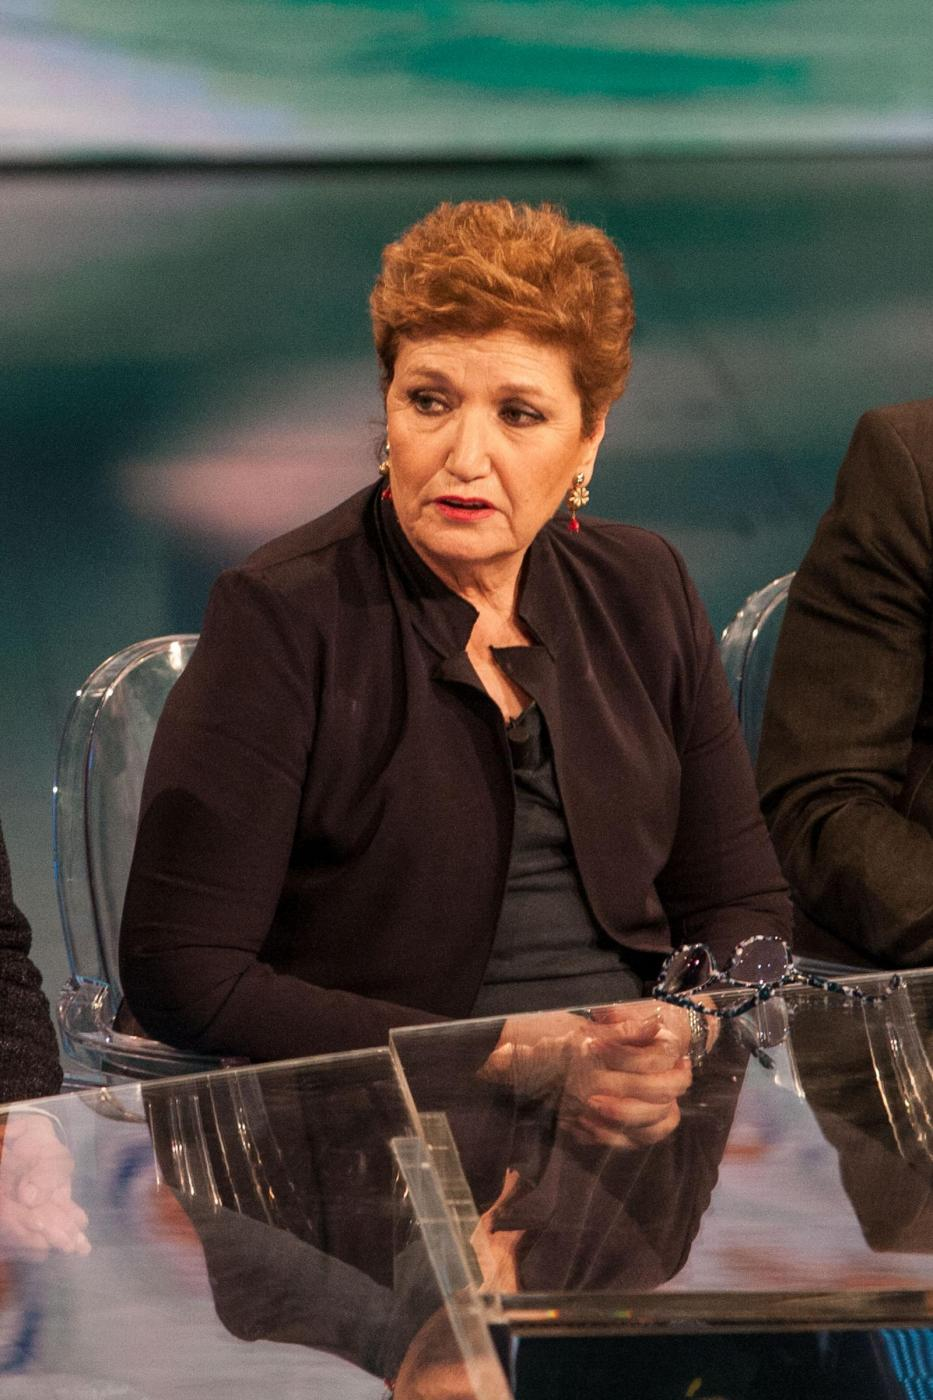 Guglielmo Scilla, Mara Maionchi: simpatici o antipatici?